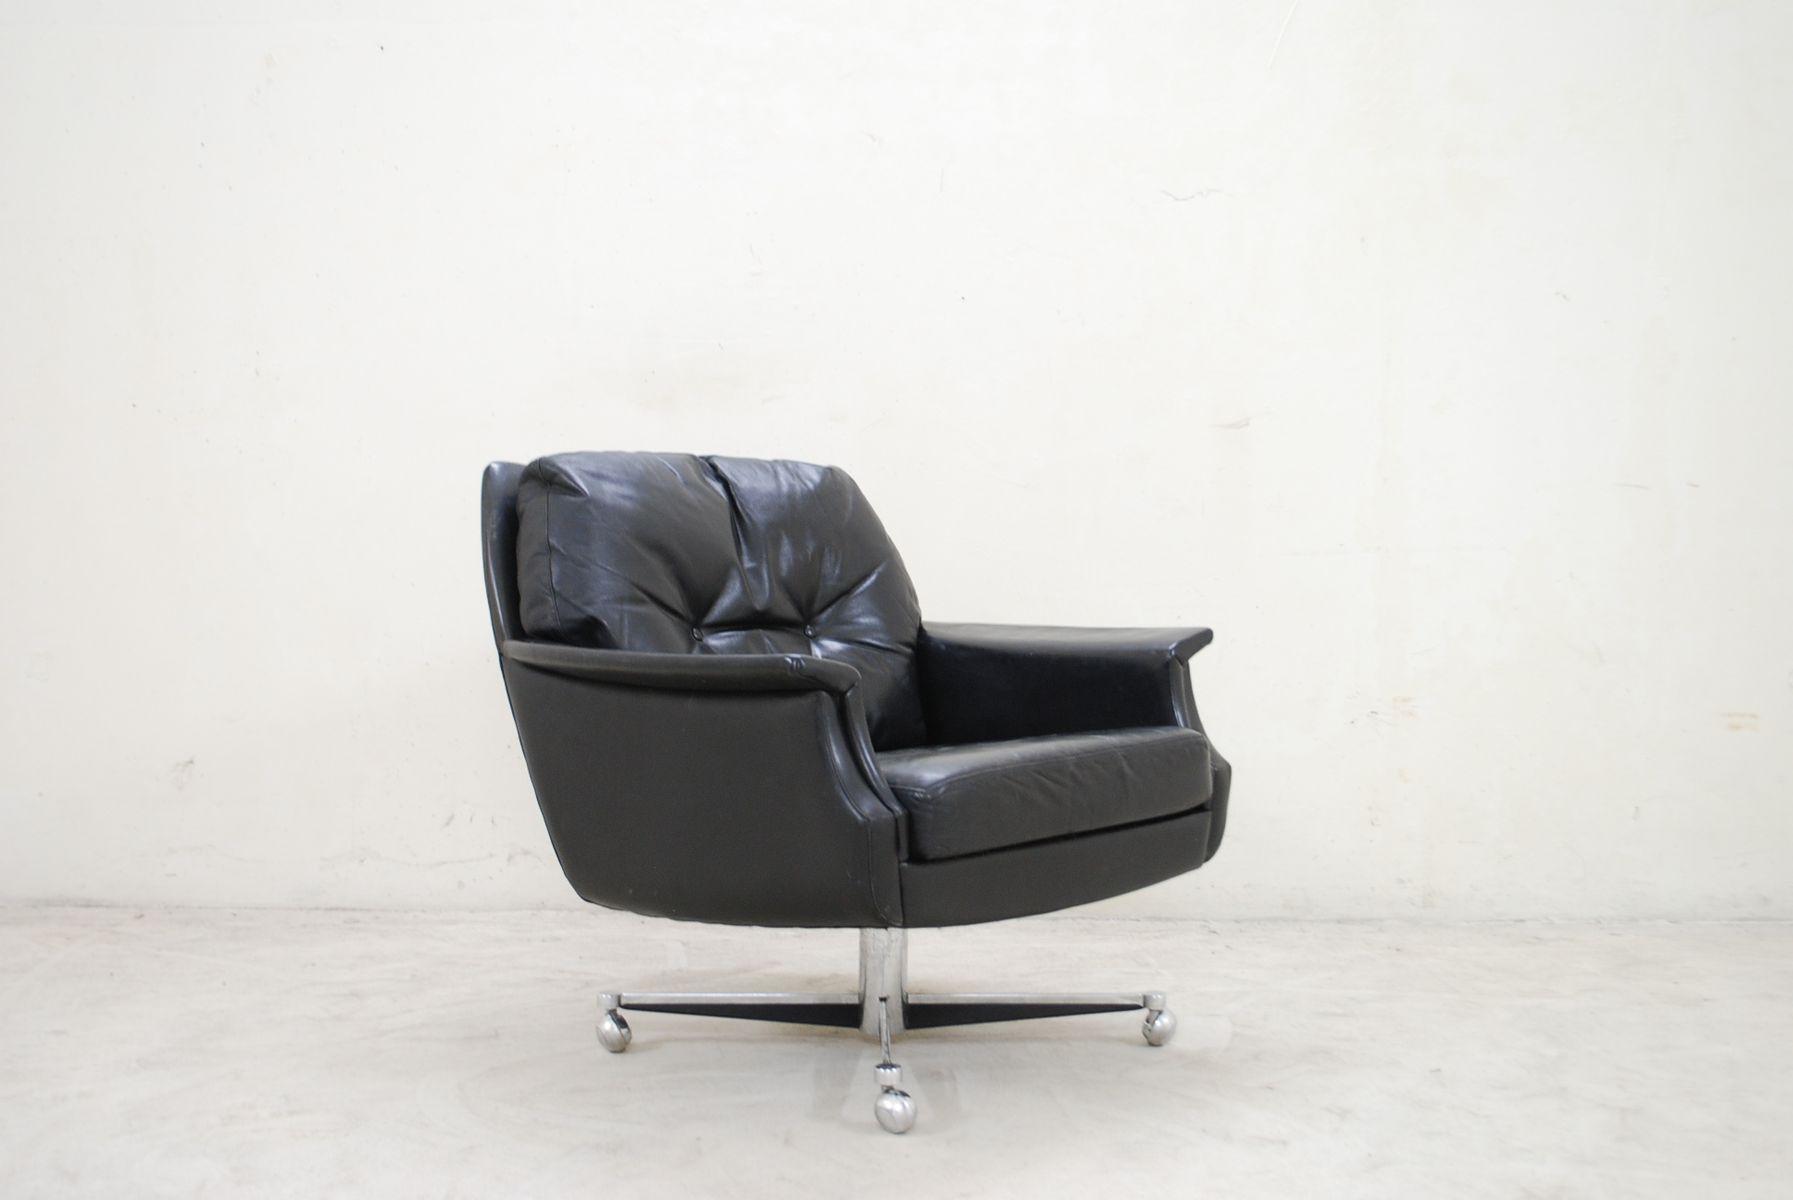 schwarzer vintage leder drehsessel 1960er bei pamono kaufen. Black Bedroom Furniture Sets. Home Design Ideas